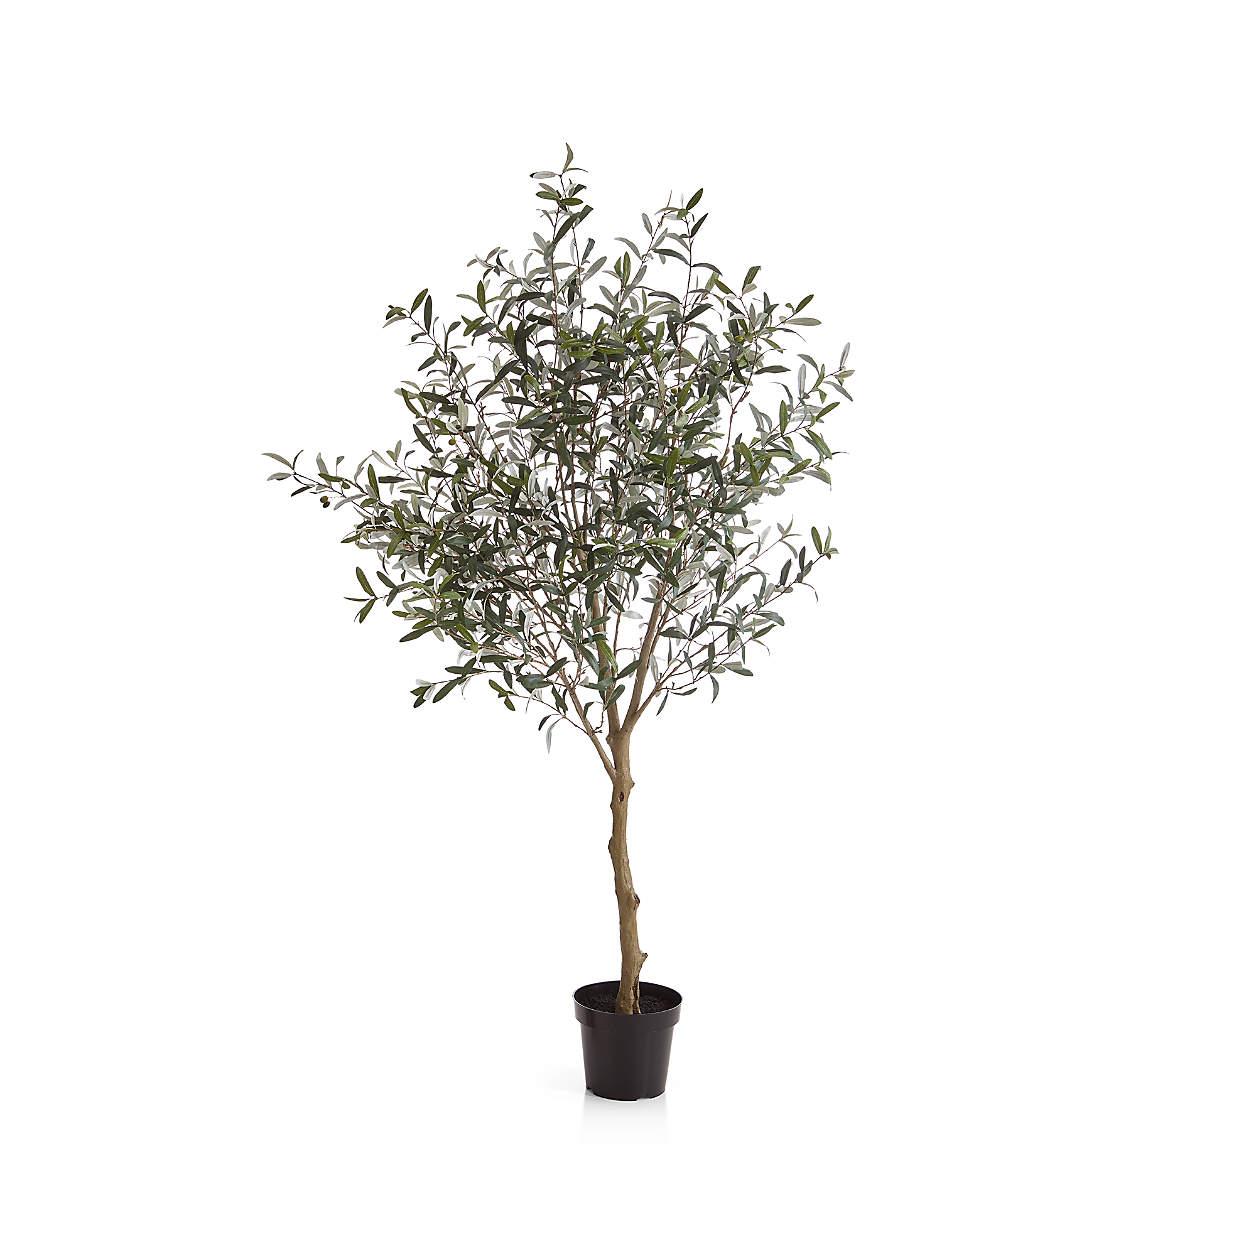 OliveTree7FtS18